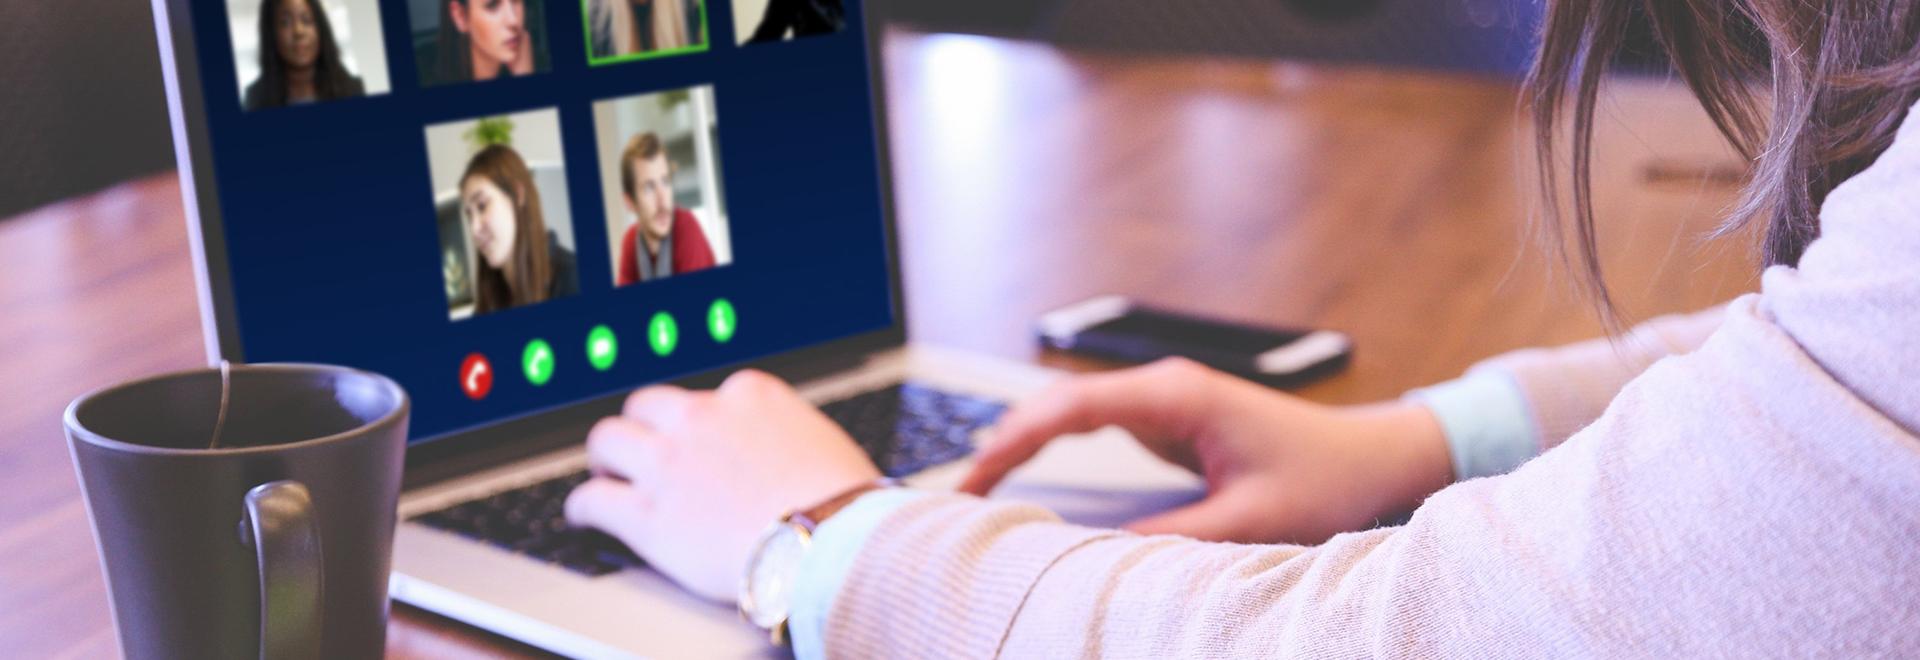 Hindergrundbild mit Videoconferenz